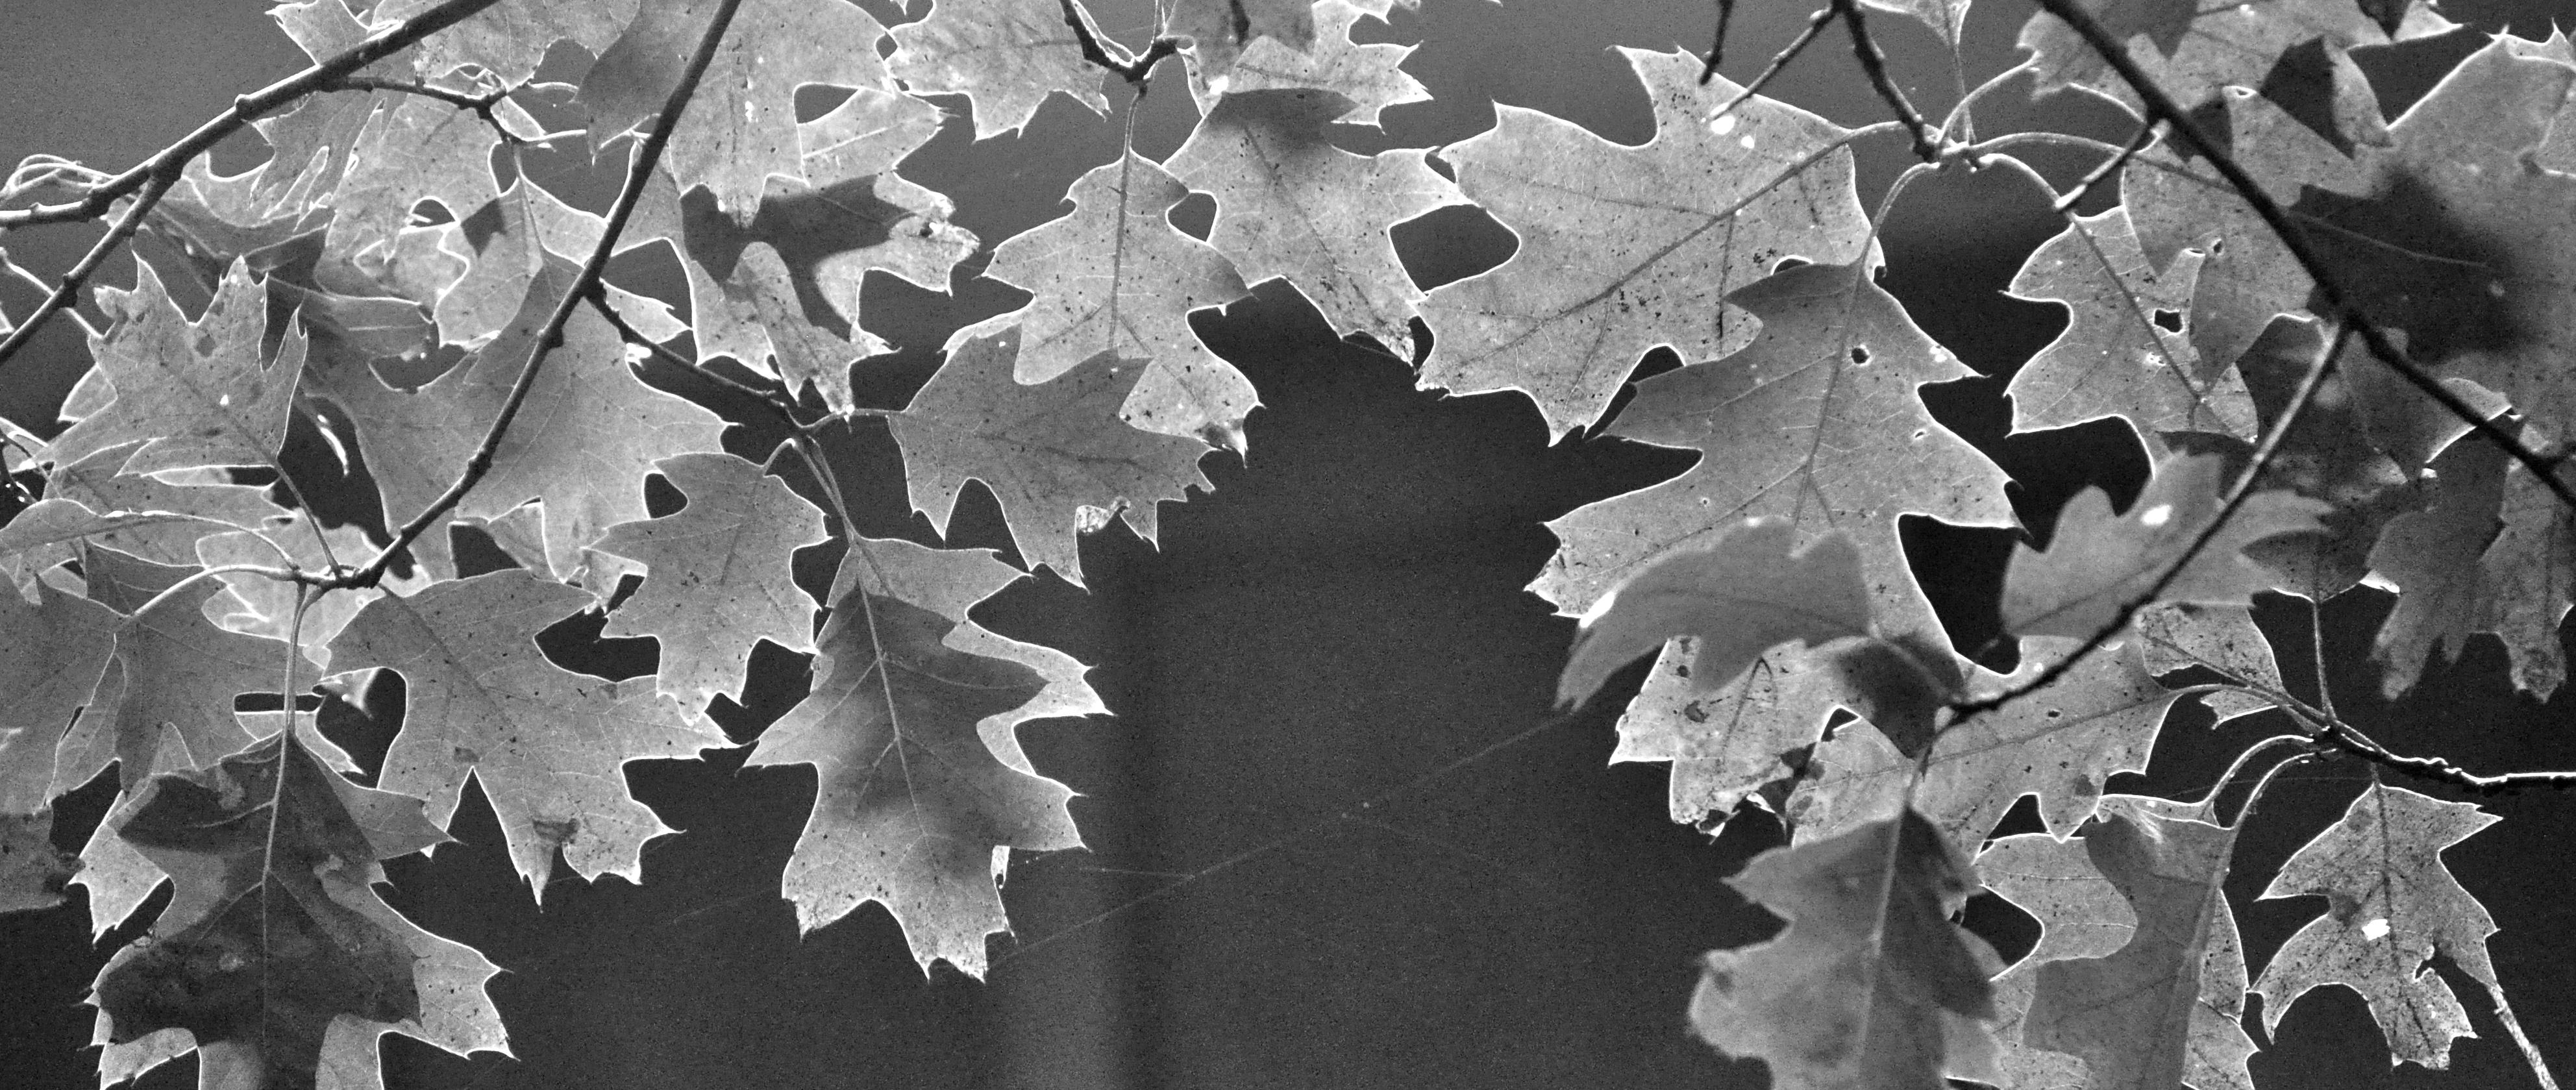 2015-09-07_upnorth-leaves